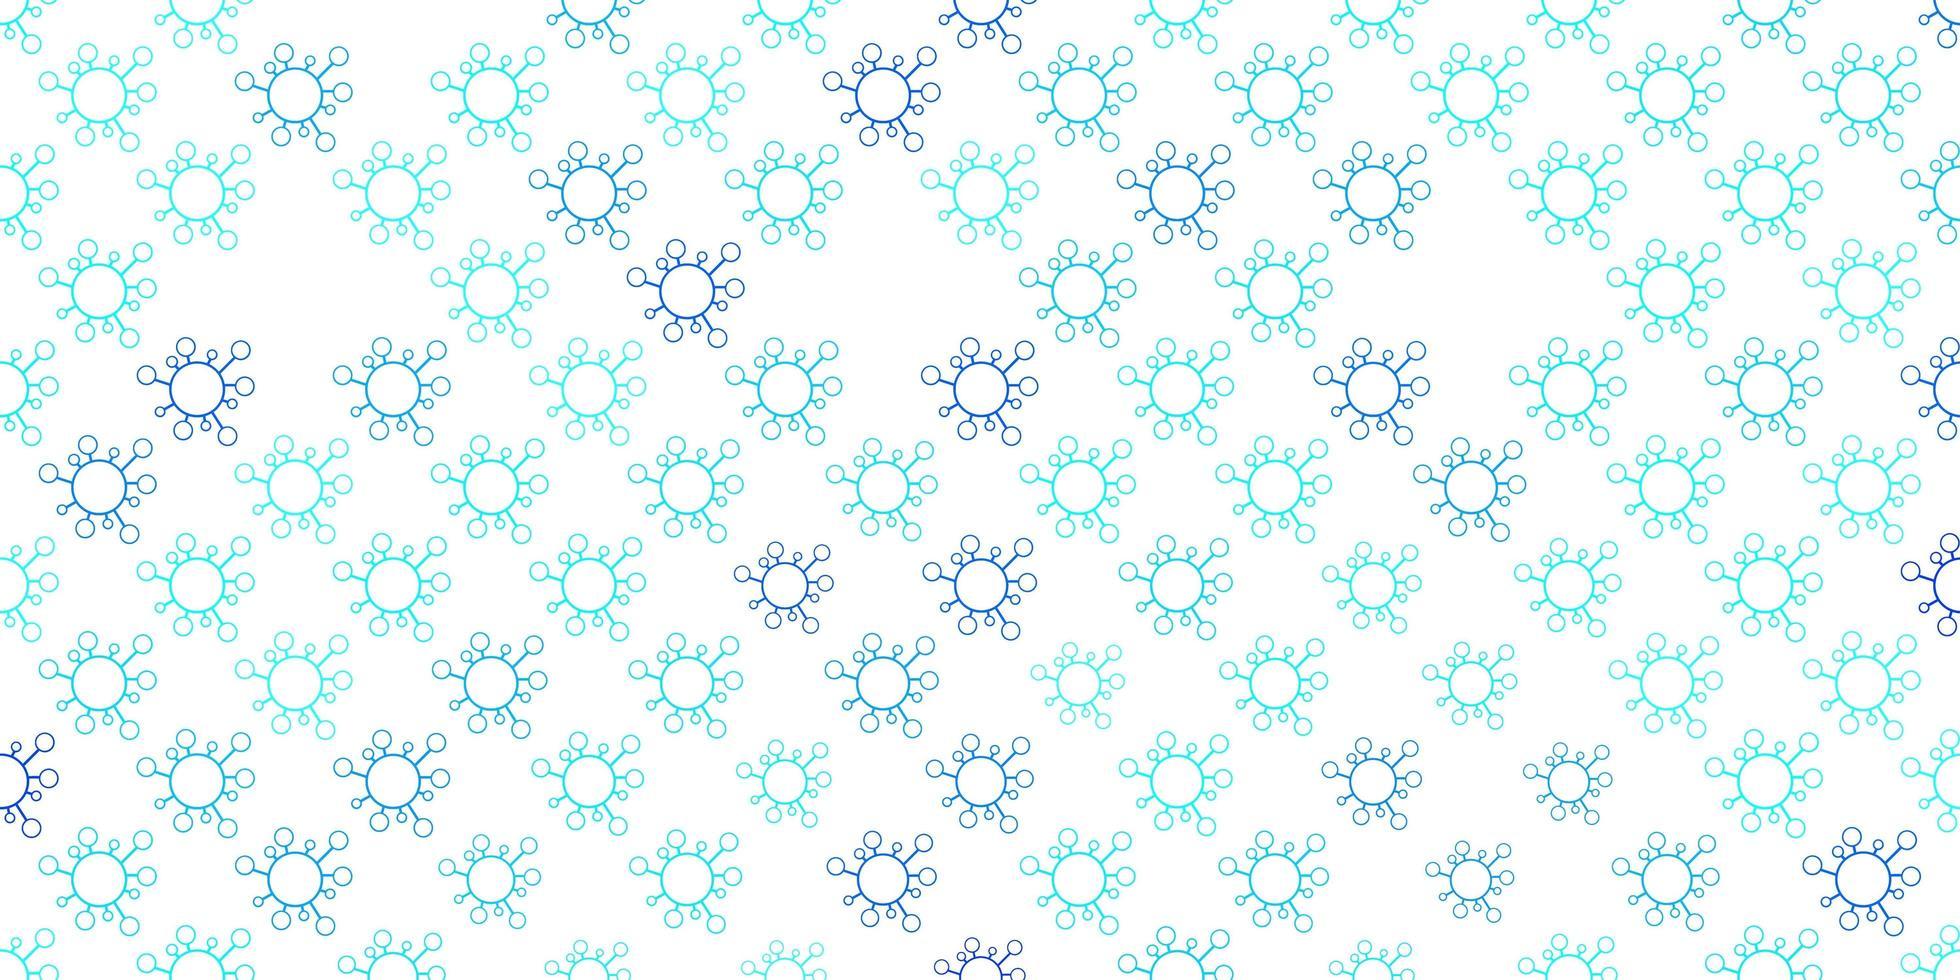 ljusblå vektor bakgrund med covid-19 symboler.